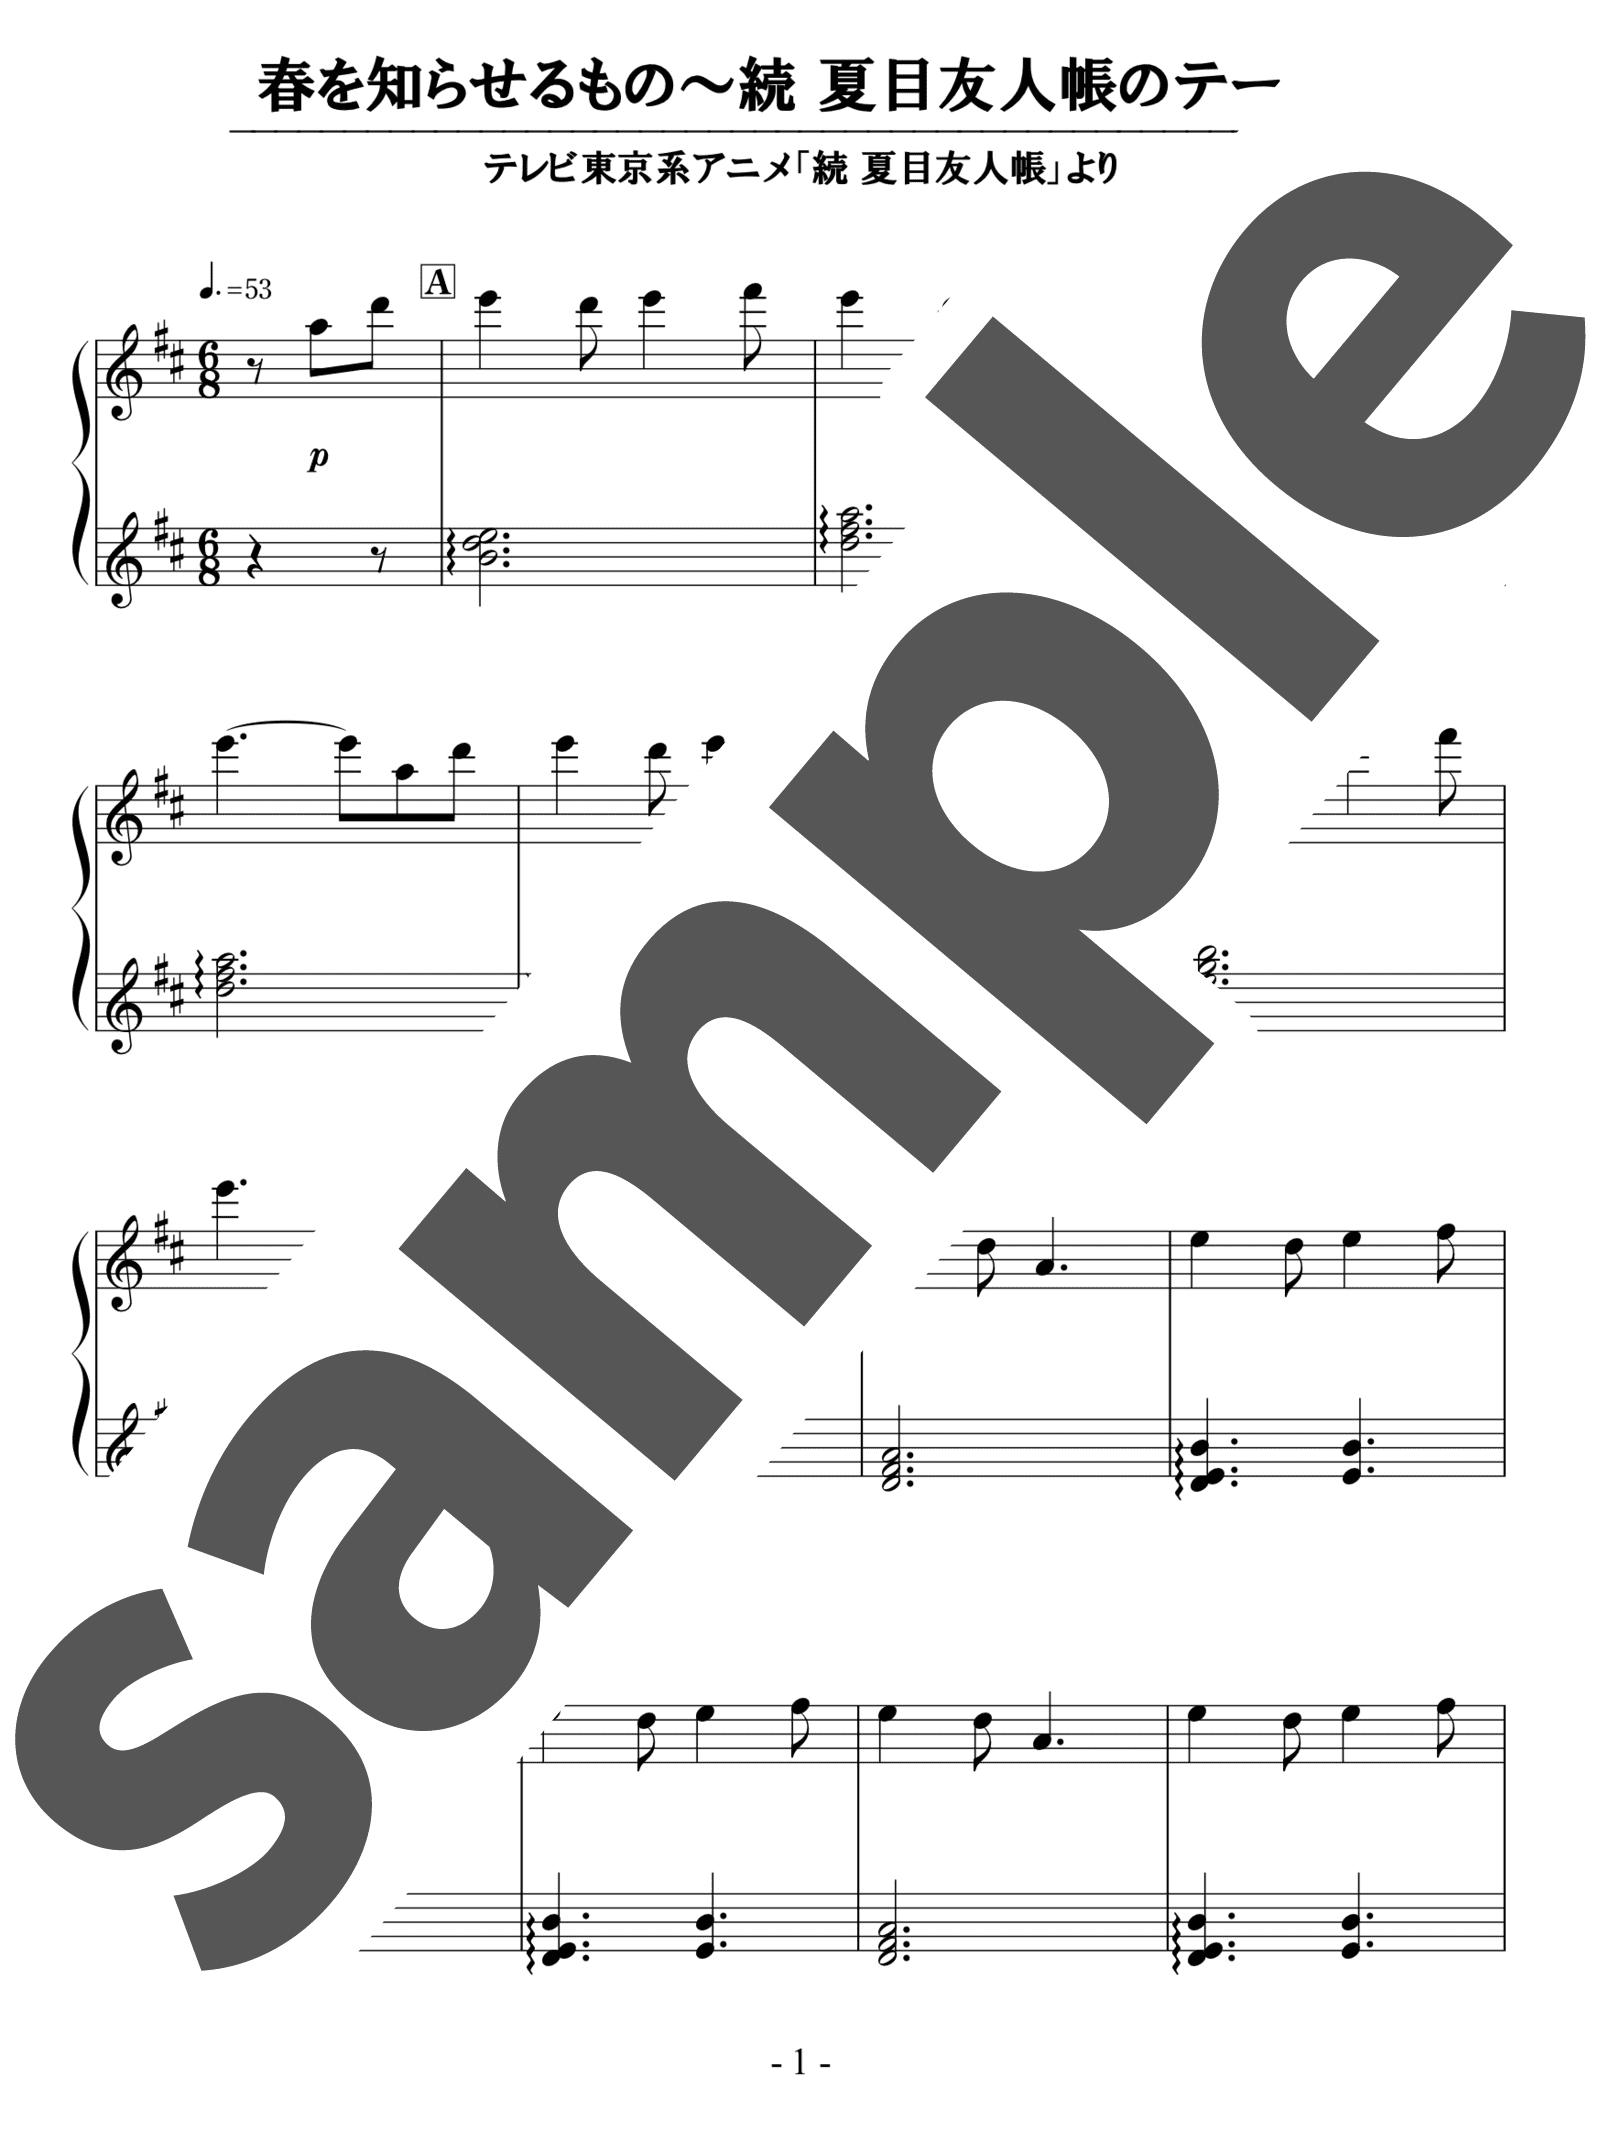 「春を知らせるもの~続夏目友人帳のテーマ」のサンプル楽譜